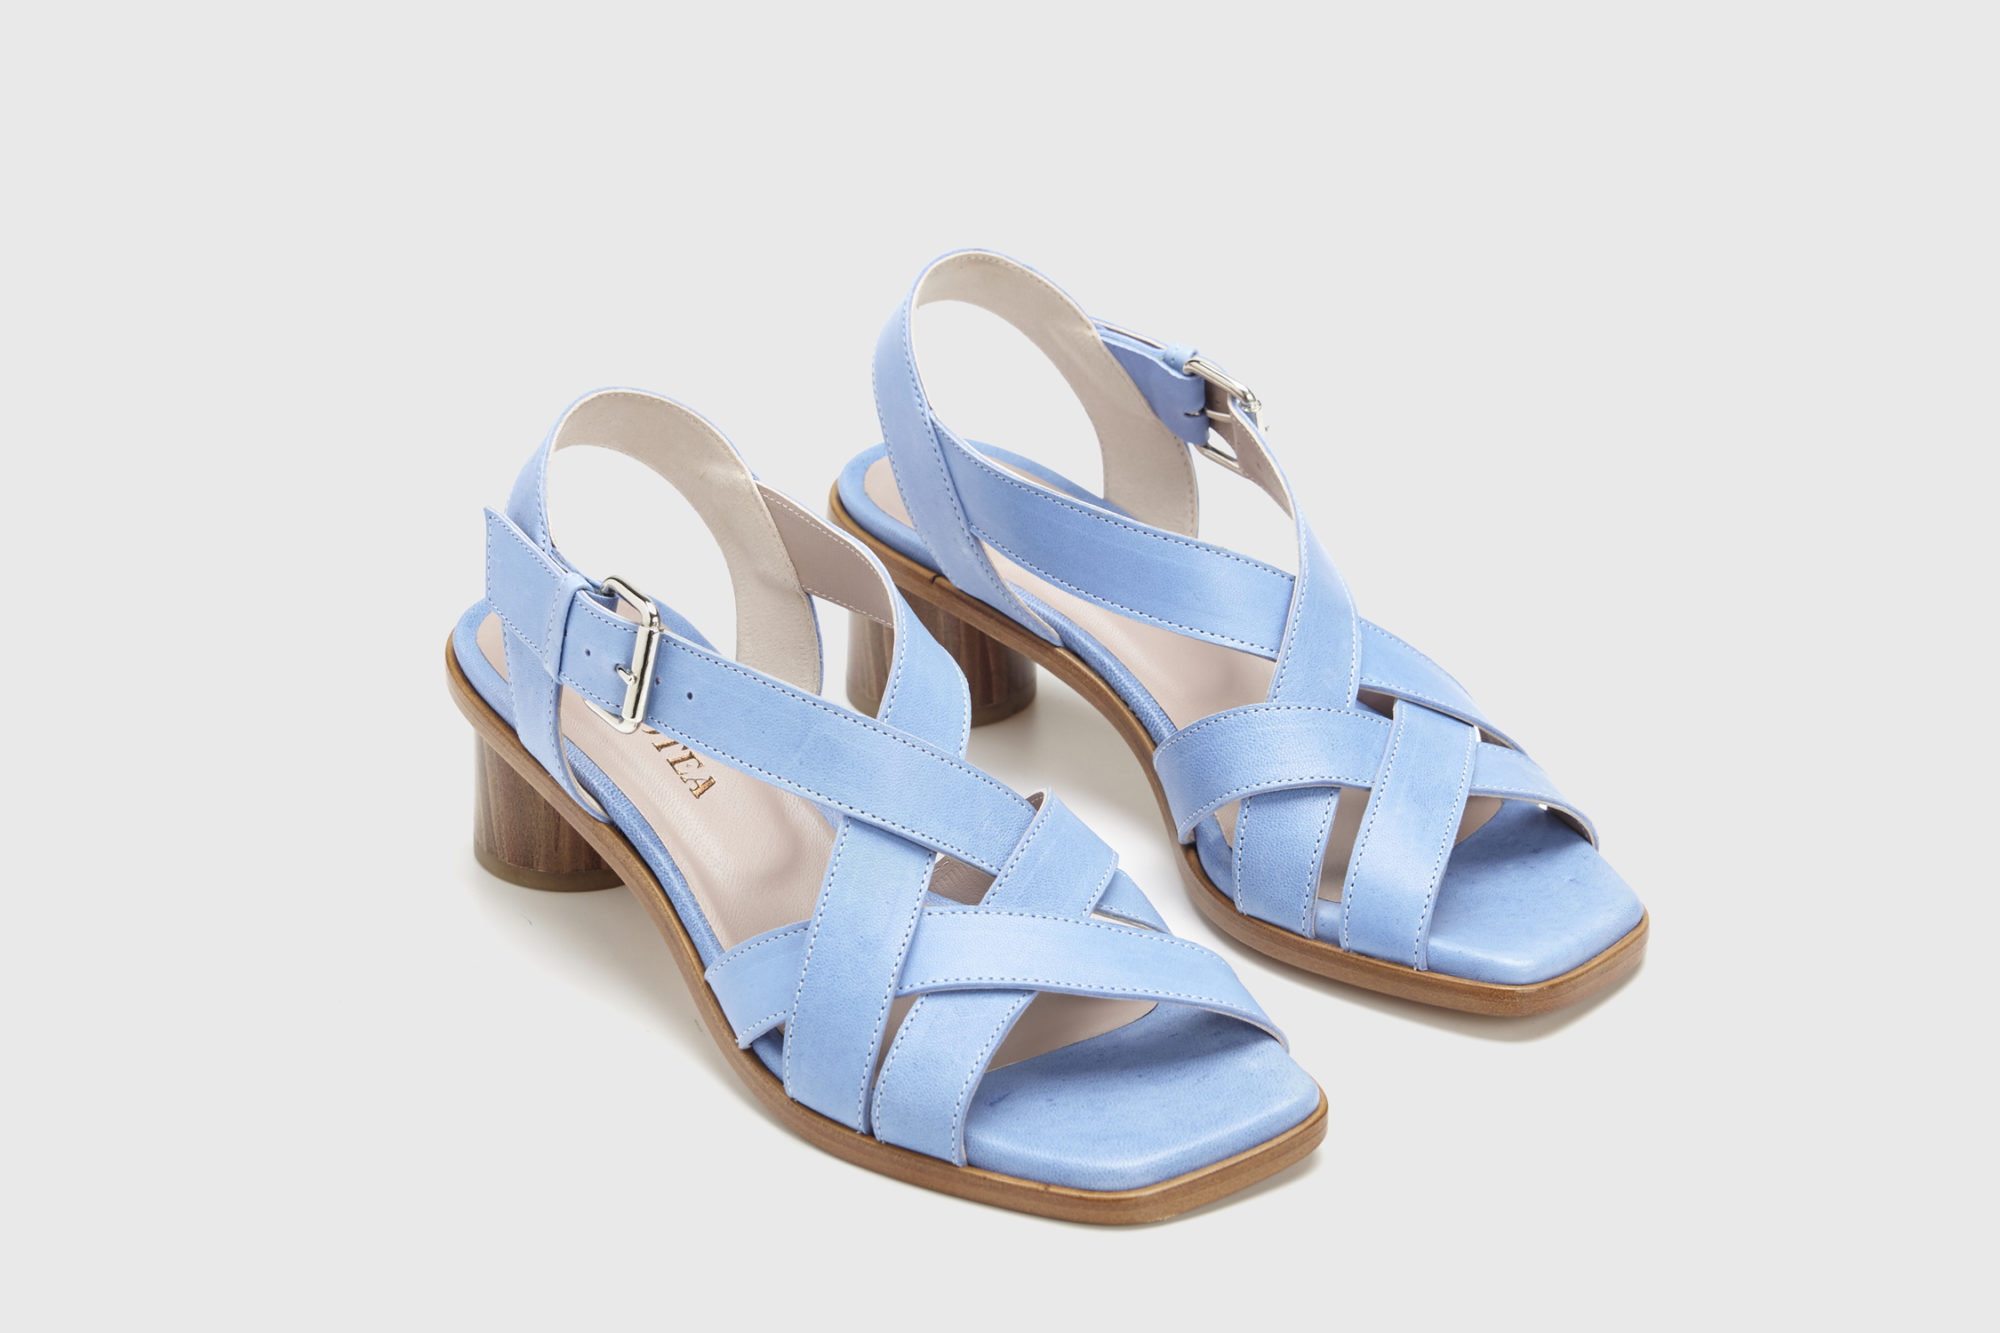 Sandalia de tacón medio Jeanne azul ss17 par